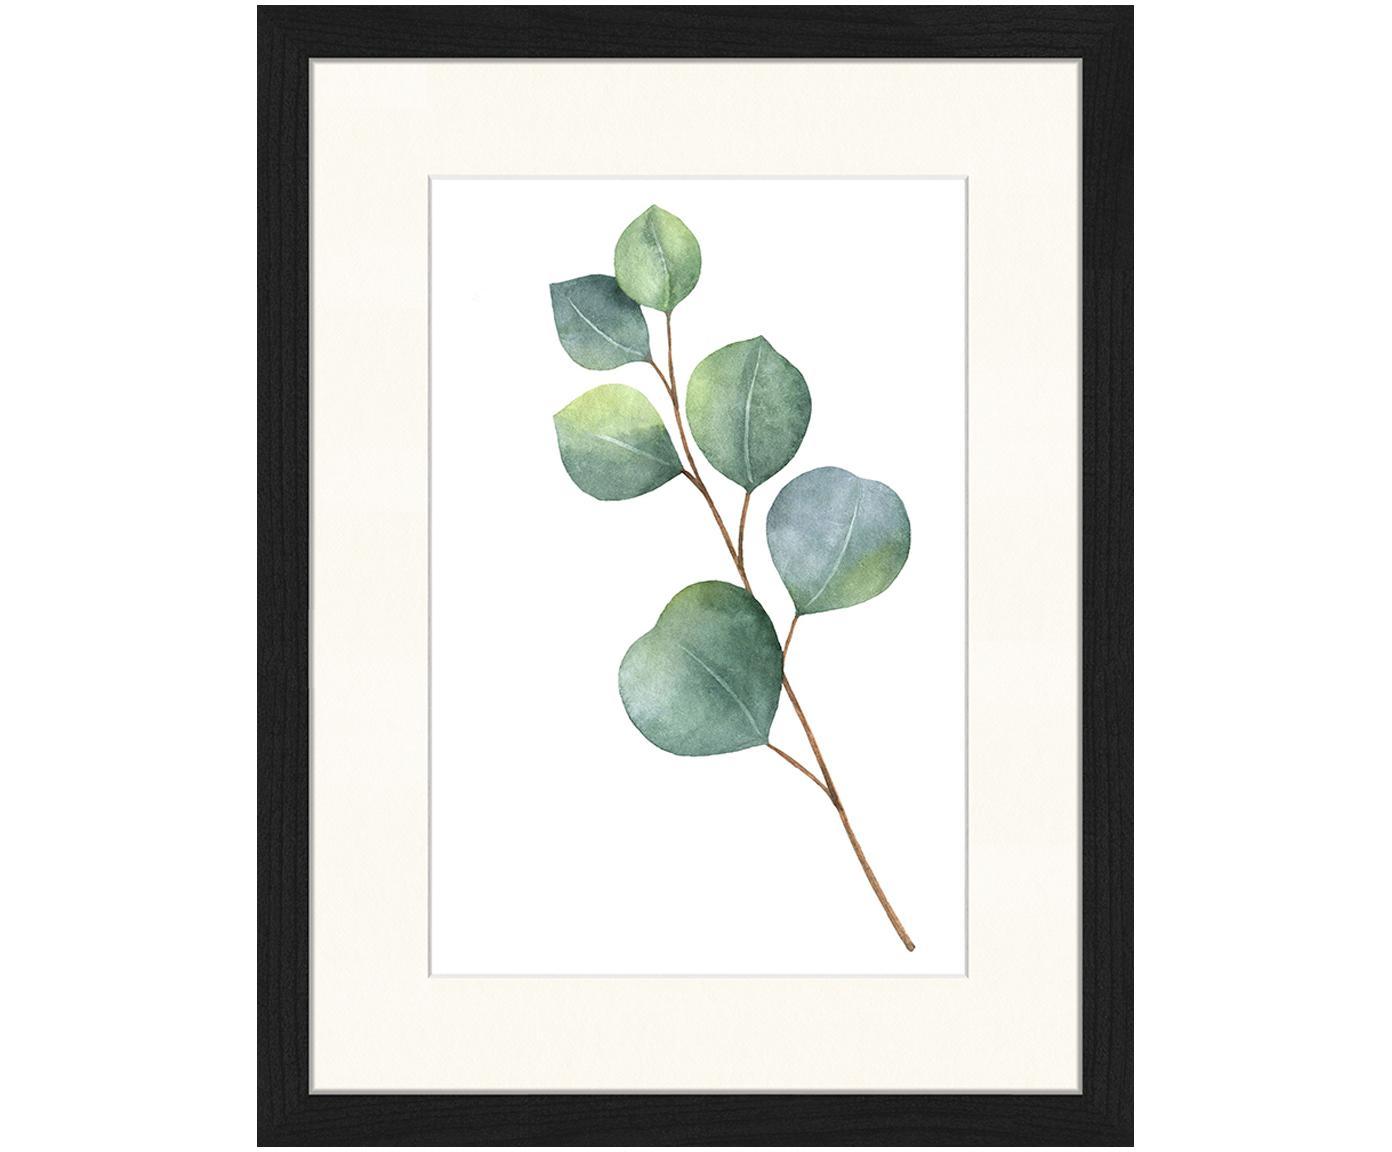 Ingelijste digitale print Eucalyptus II, Afbeelding: digitale print op papier,, Lijst: gelakt hout, Afbeelding: groen, wit. Lijst: zwart, 33 x 43 cm